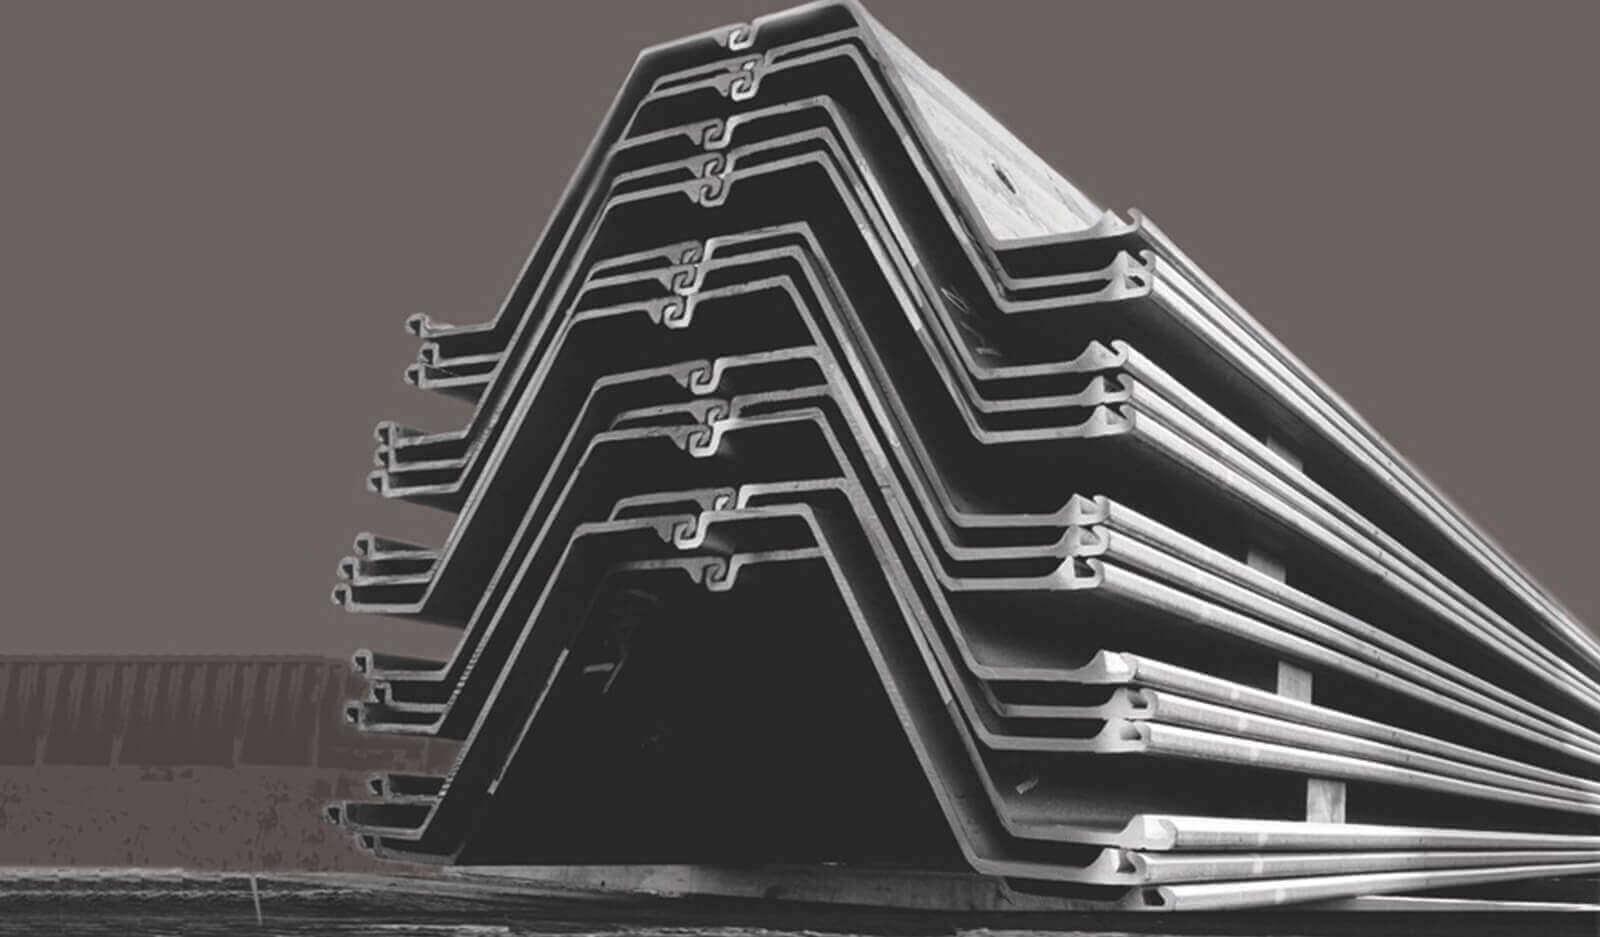 سپر U شکل سازه نگهبان سپرکوبی - استوارسازان